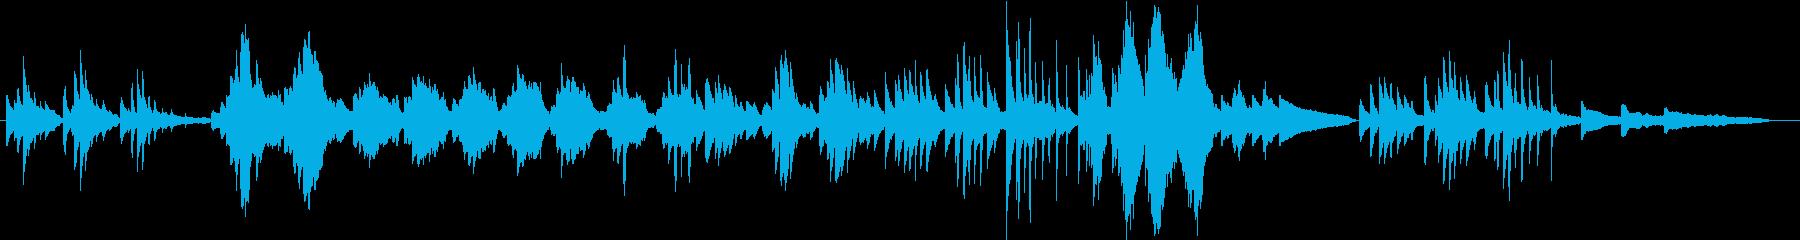 せせらぎ・光・風・穏やかなピアノソロの再生済みの波形